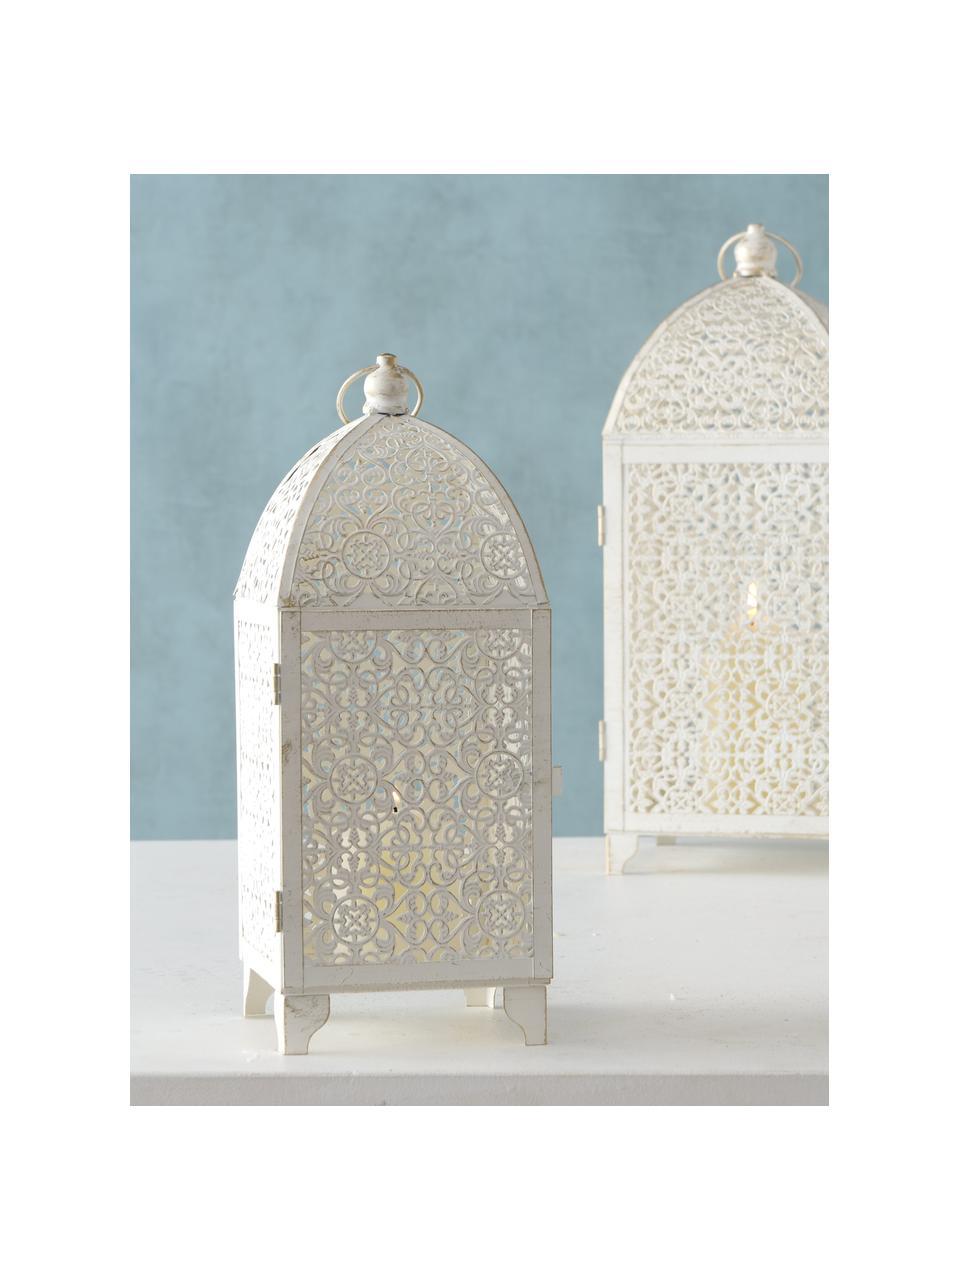 Súprava lampášov Oleano, 2 diely, Biela s patinou